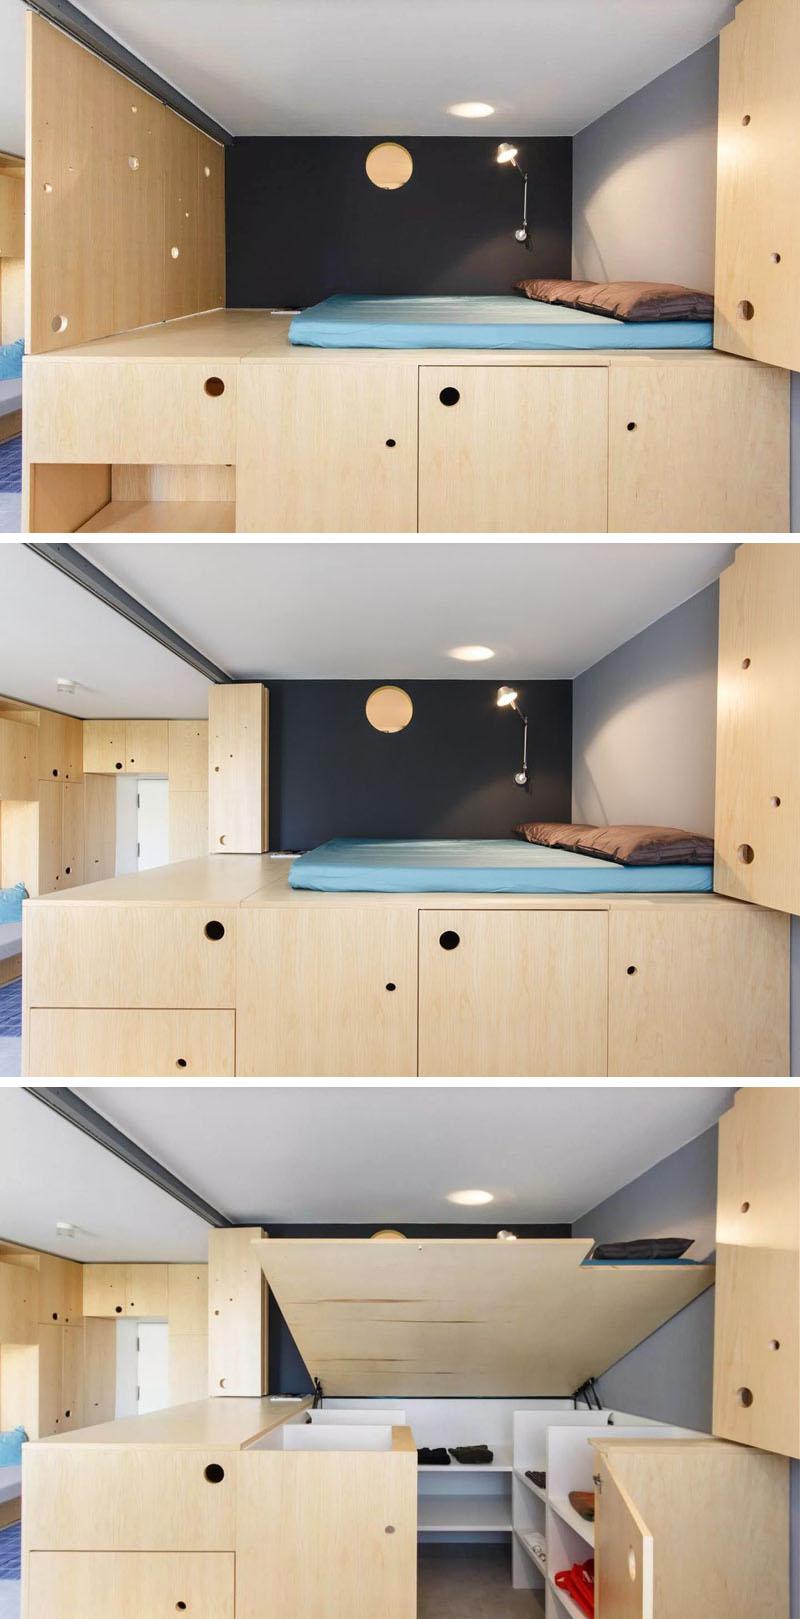 Системы хранения под спальным местом